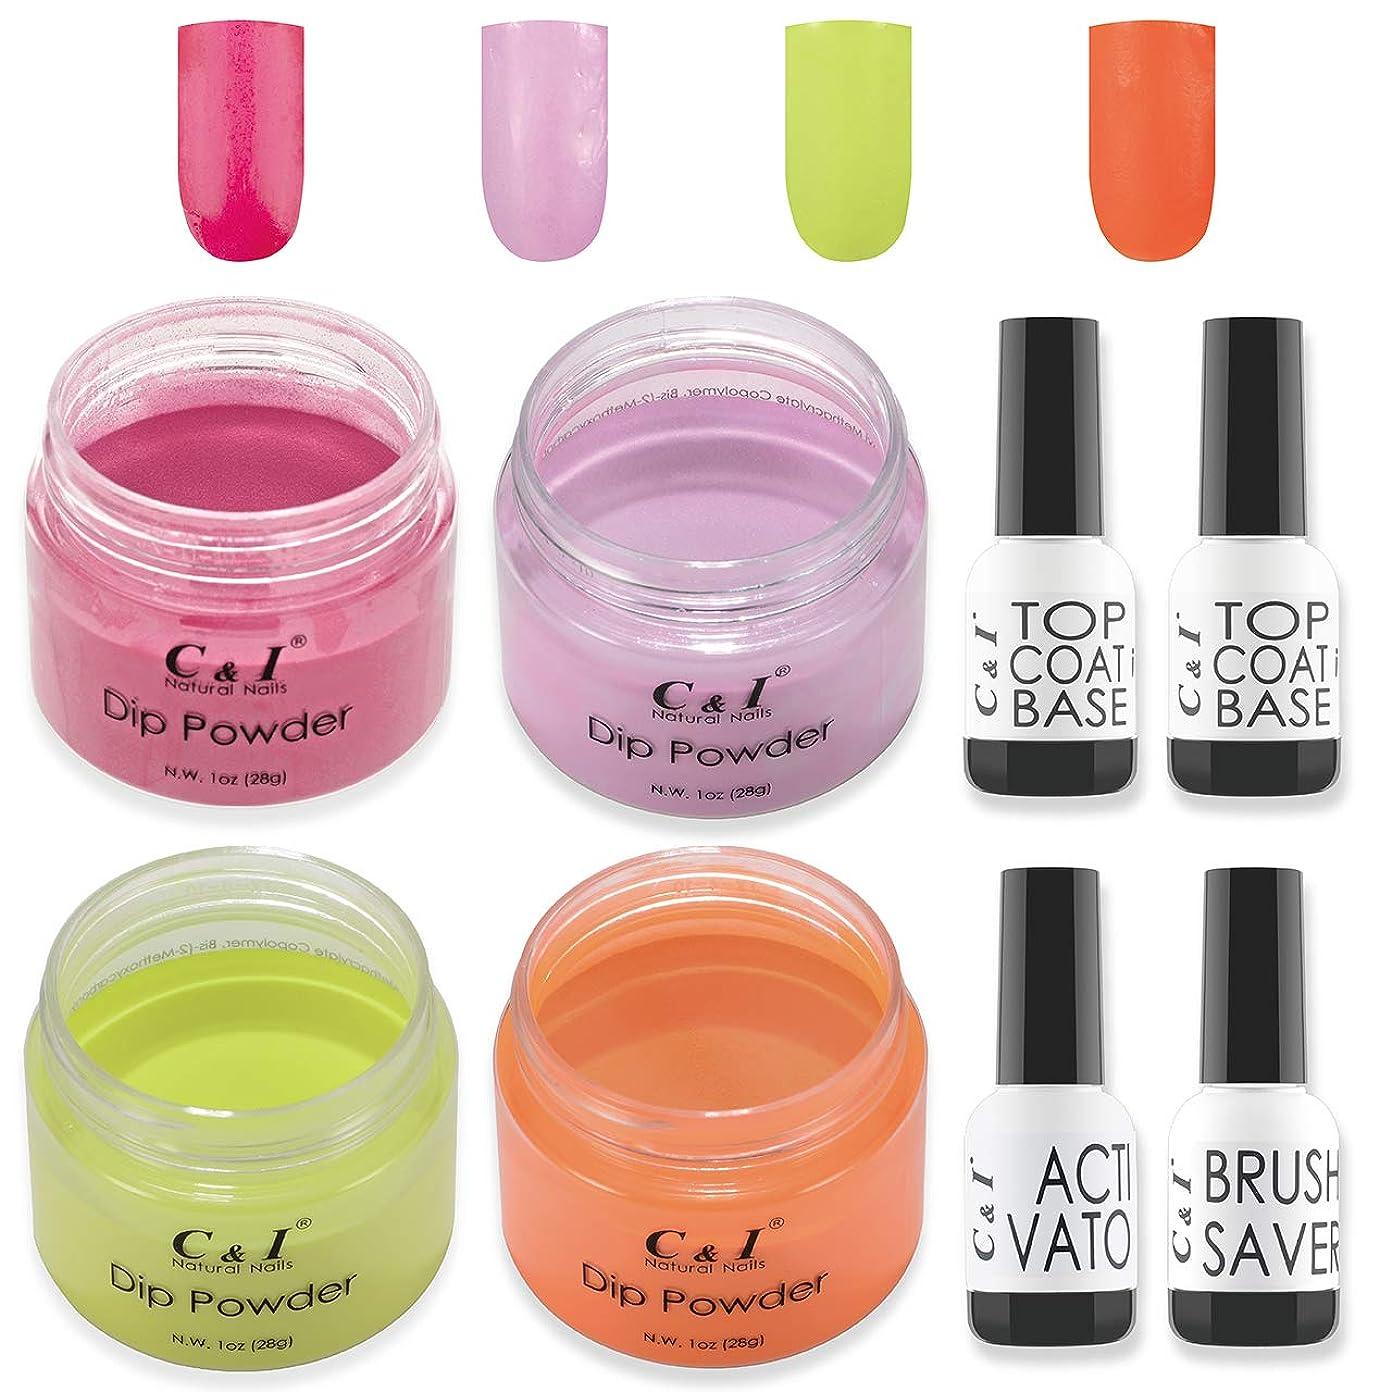 賞賛する有害必要条件C & I Dip Powder Nail Colors & Liquids Set, 4 colors and 4 liquids, Gel Nail Effect Colors, N.W. 28 g * 4 pcs & 15 ml * 4 pcs